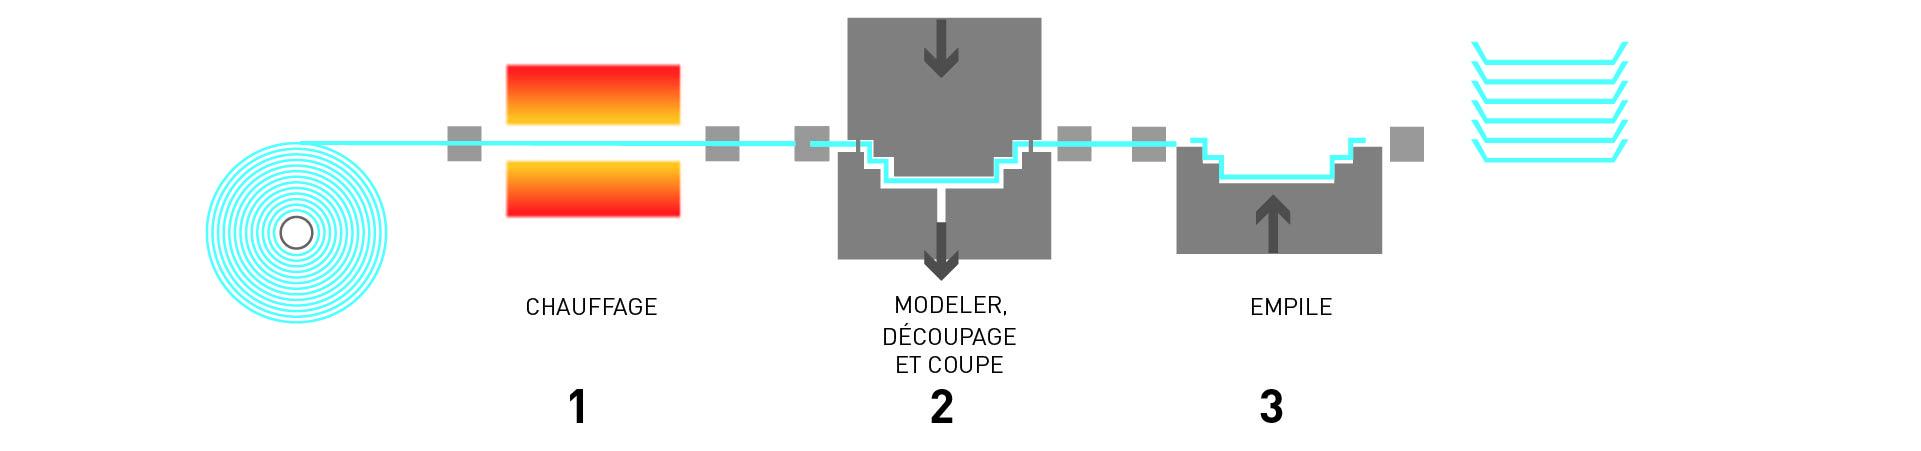 Procesus de Thermoformage